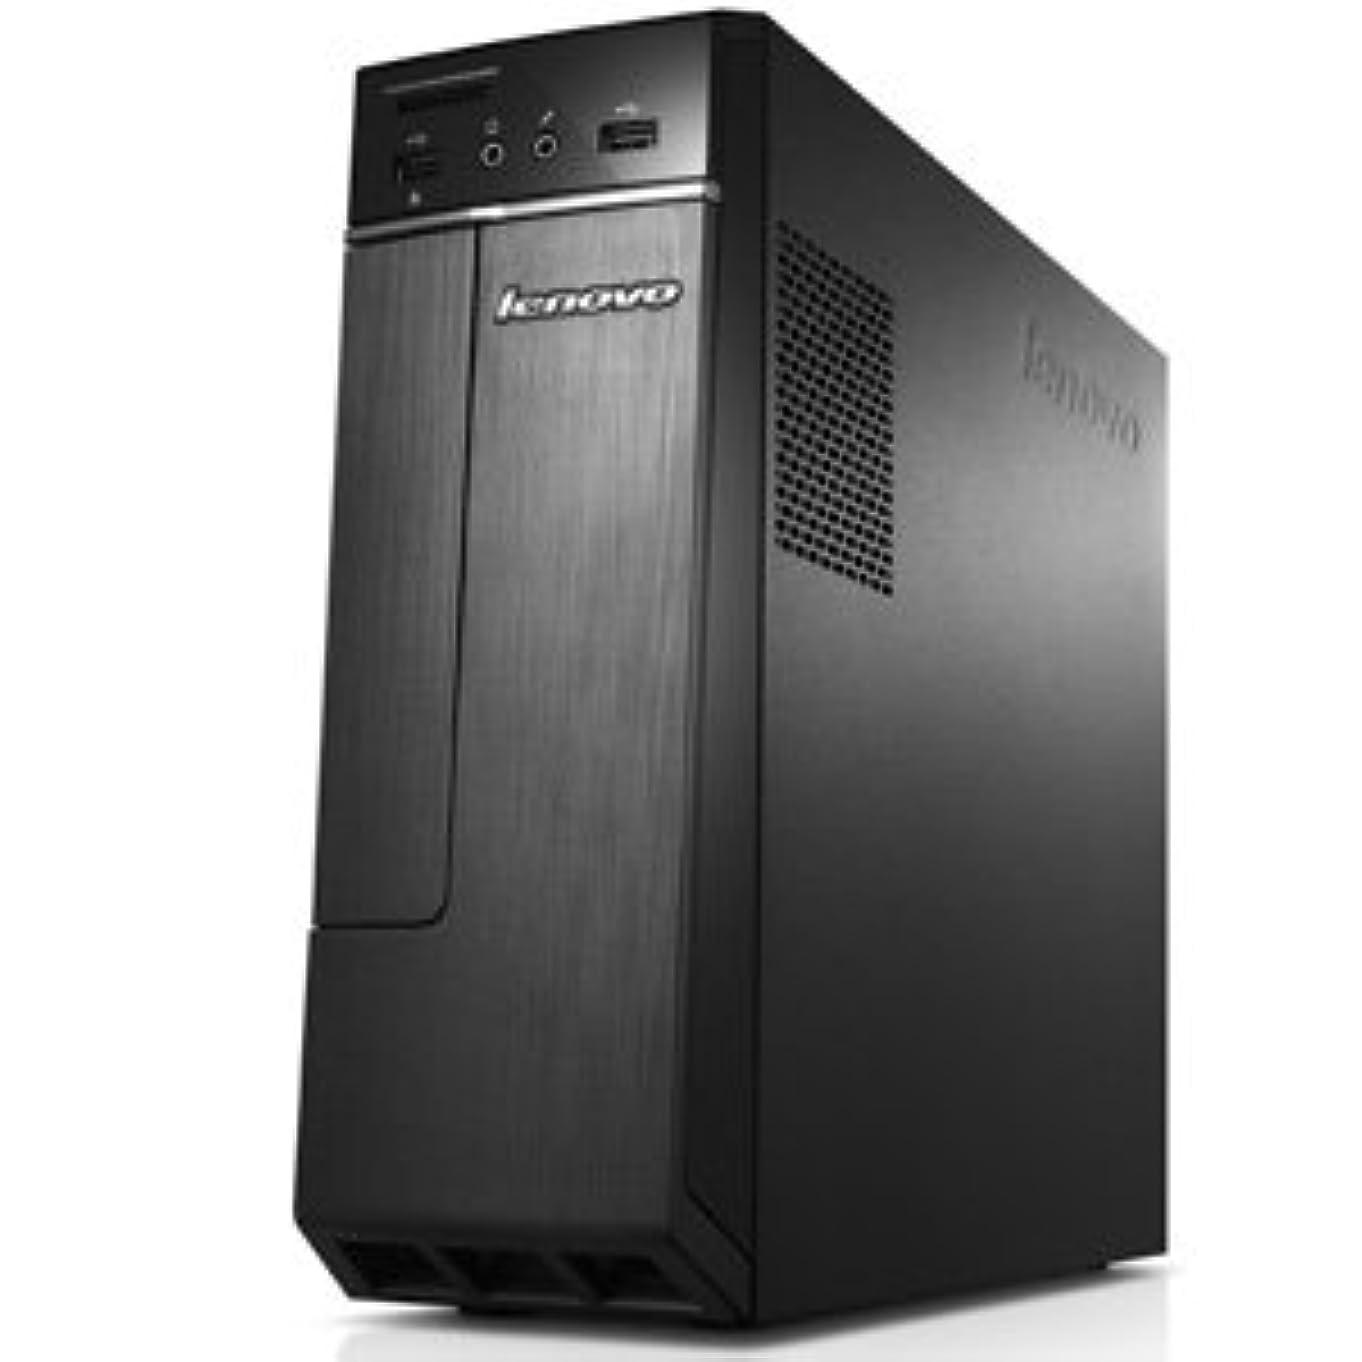 ペリスコープパンチ不安定な90BJ00D6JP [IdeaCentre H30 (AMD E1-7010 4G 500G win10 wo speaker mouse)]